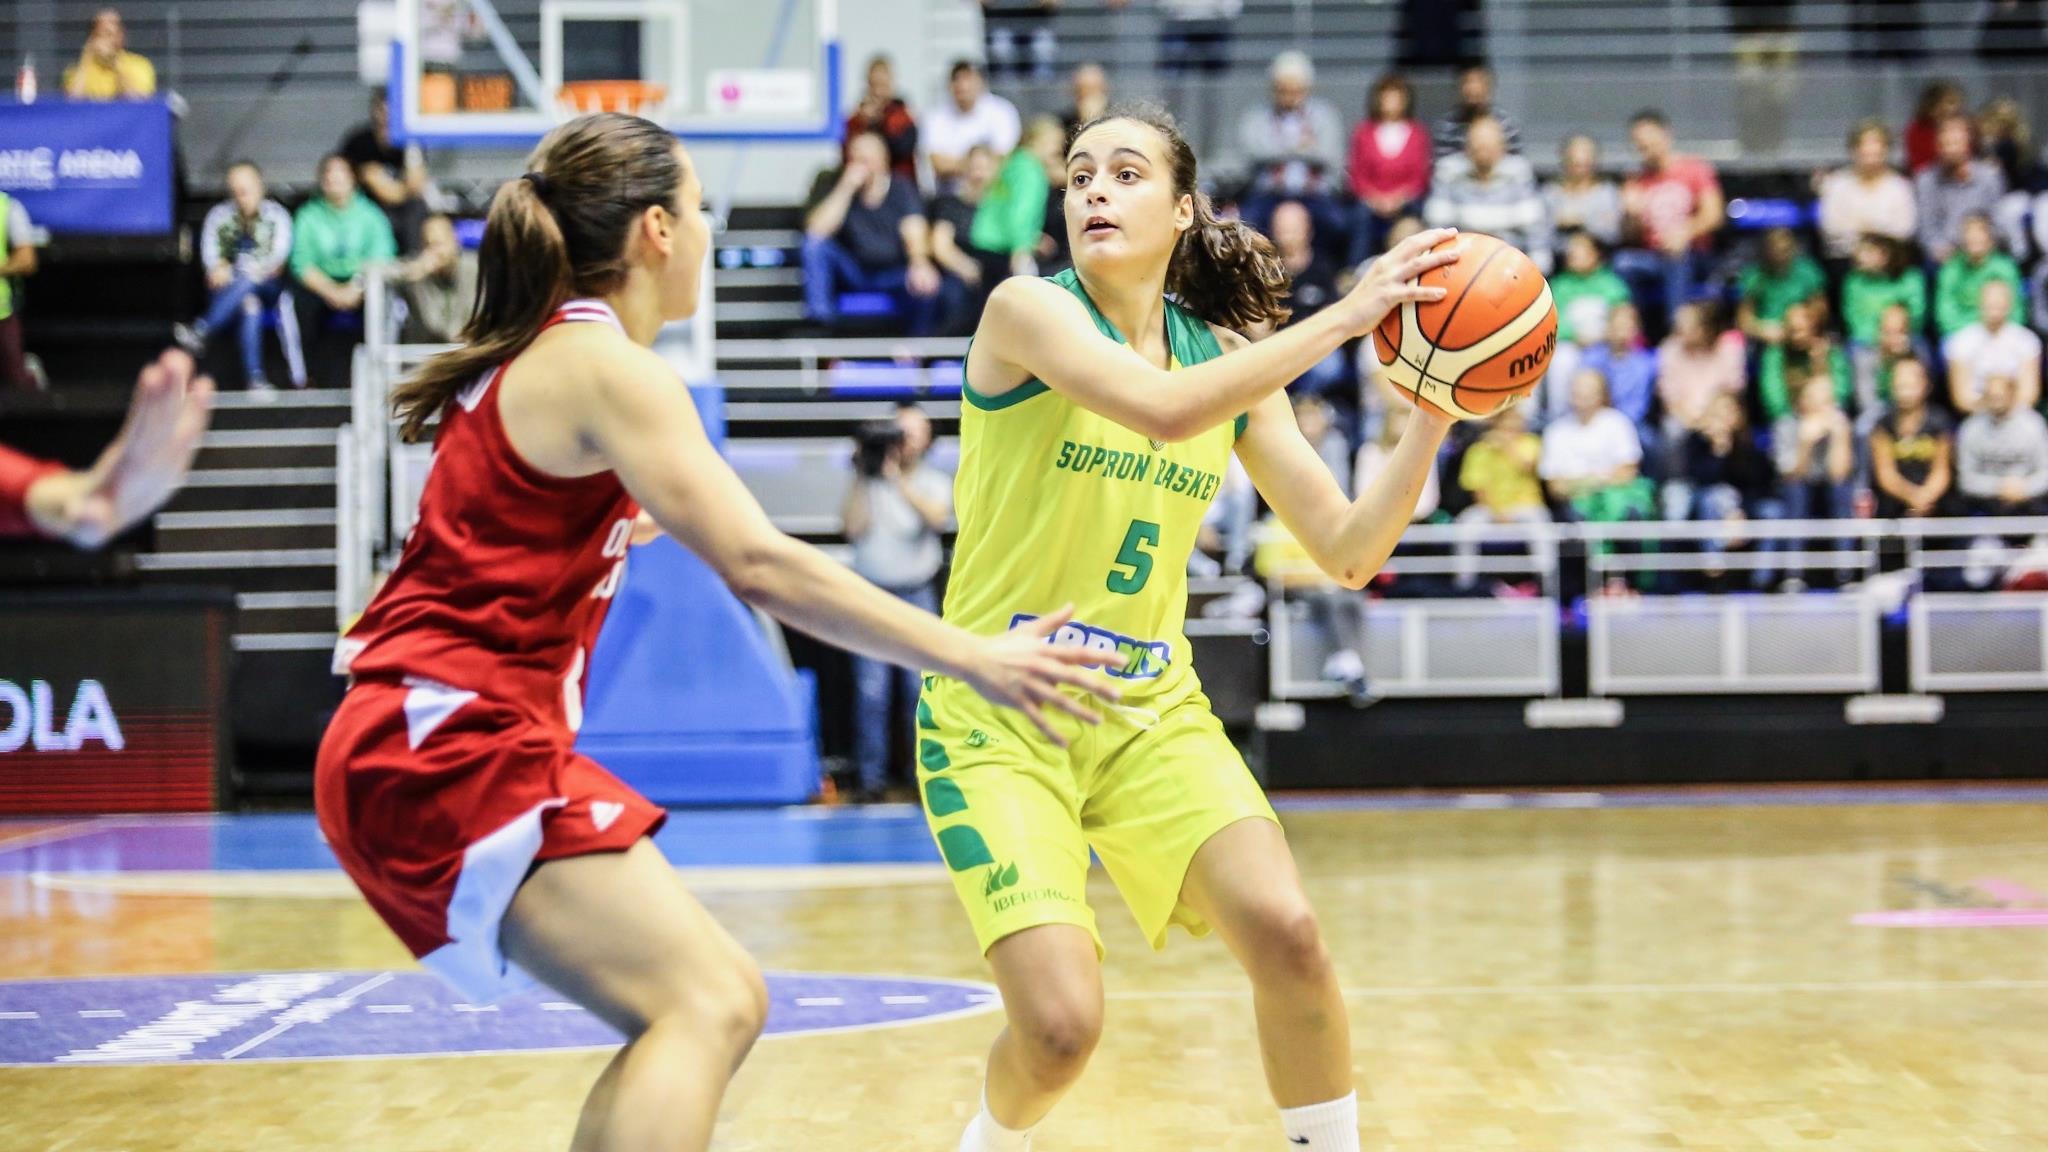 Megnyerte az alapszakaszt a Sopron Basket 2f5e7802ab